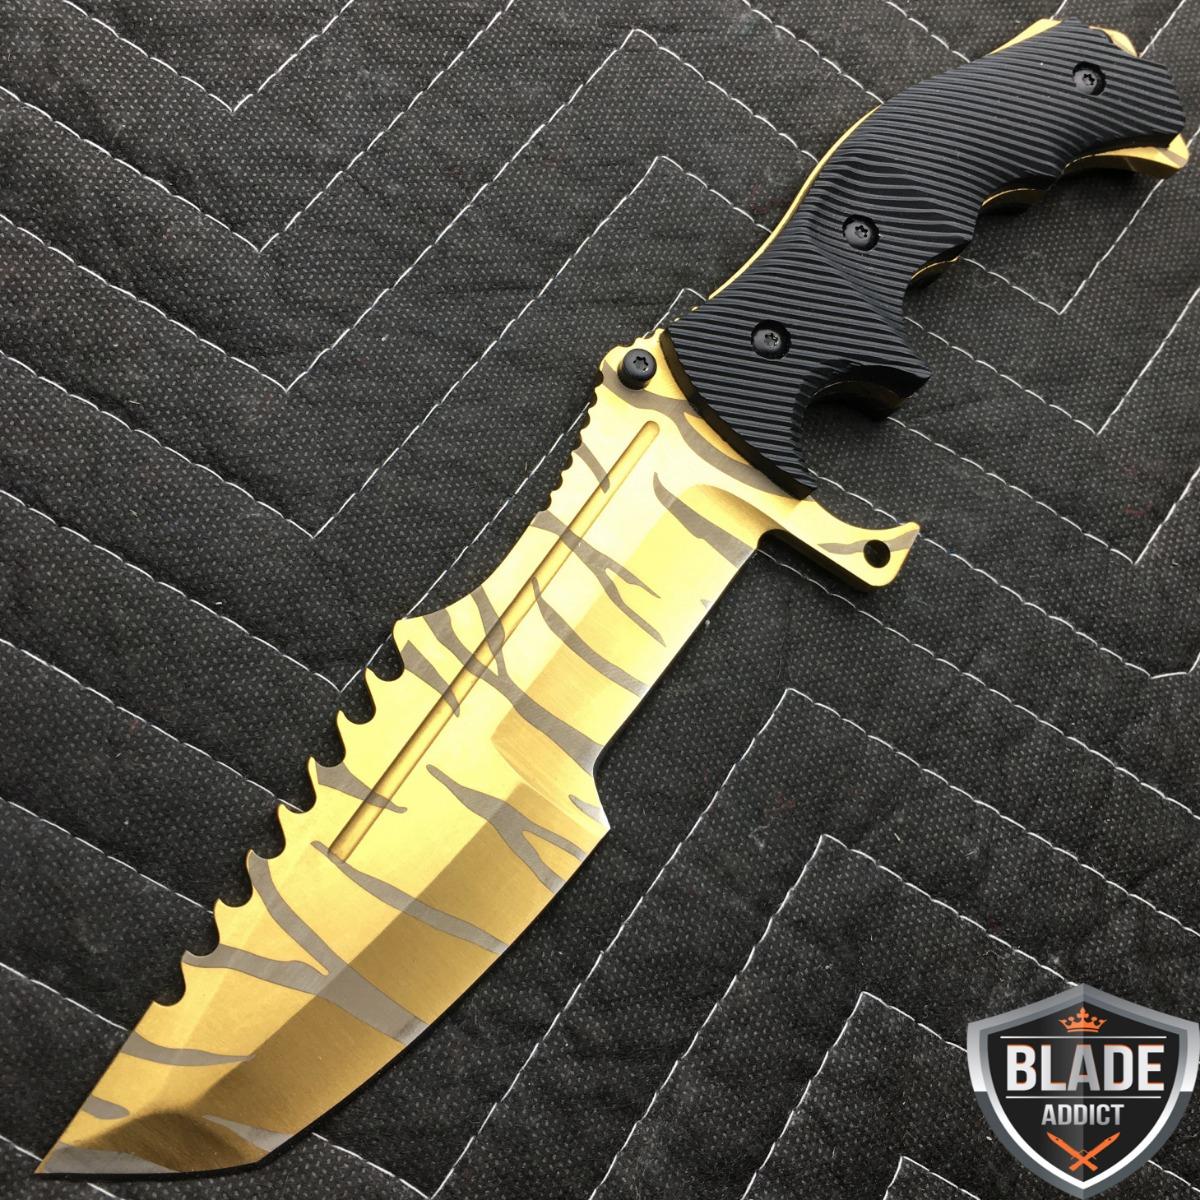 11 counter strike csgo gold tiger huntsman knife hunting bowie survival cs go ebay. Black Bedroom Furniture Sets. Home Design Ideas